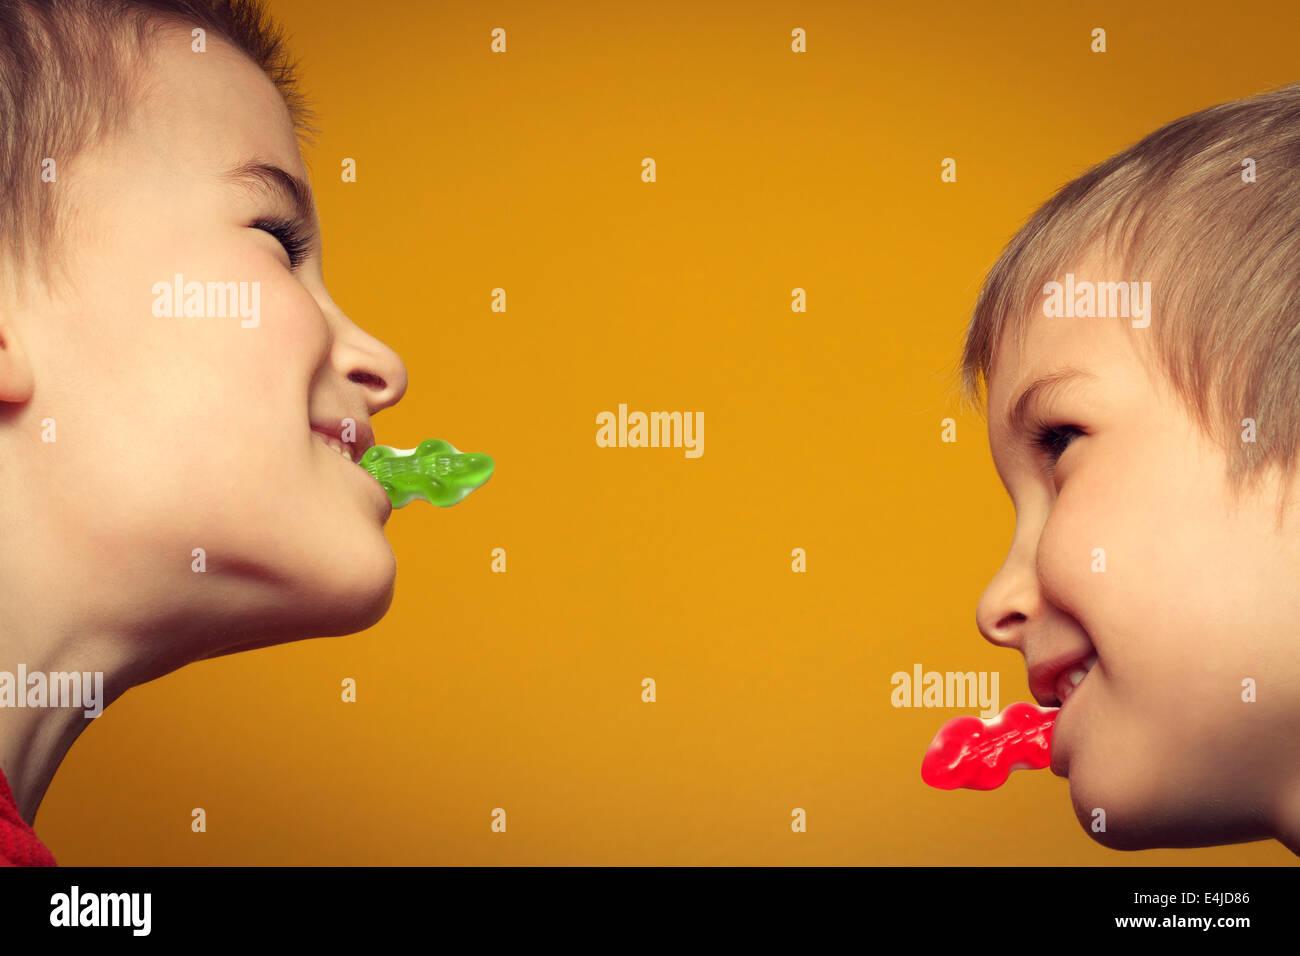 Jungen, die einander zugewandt, während des Essens Süßigkeiten. Stockbild